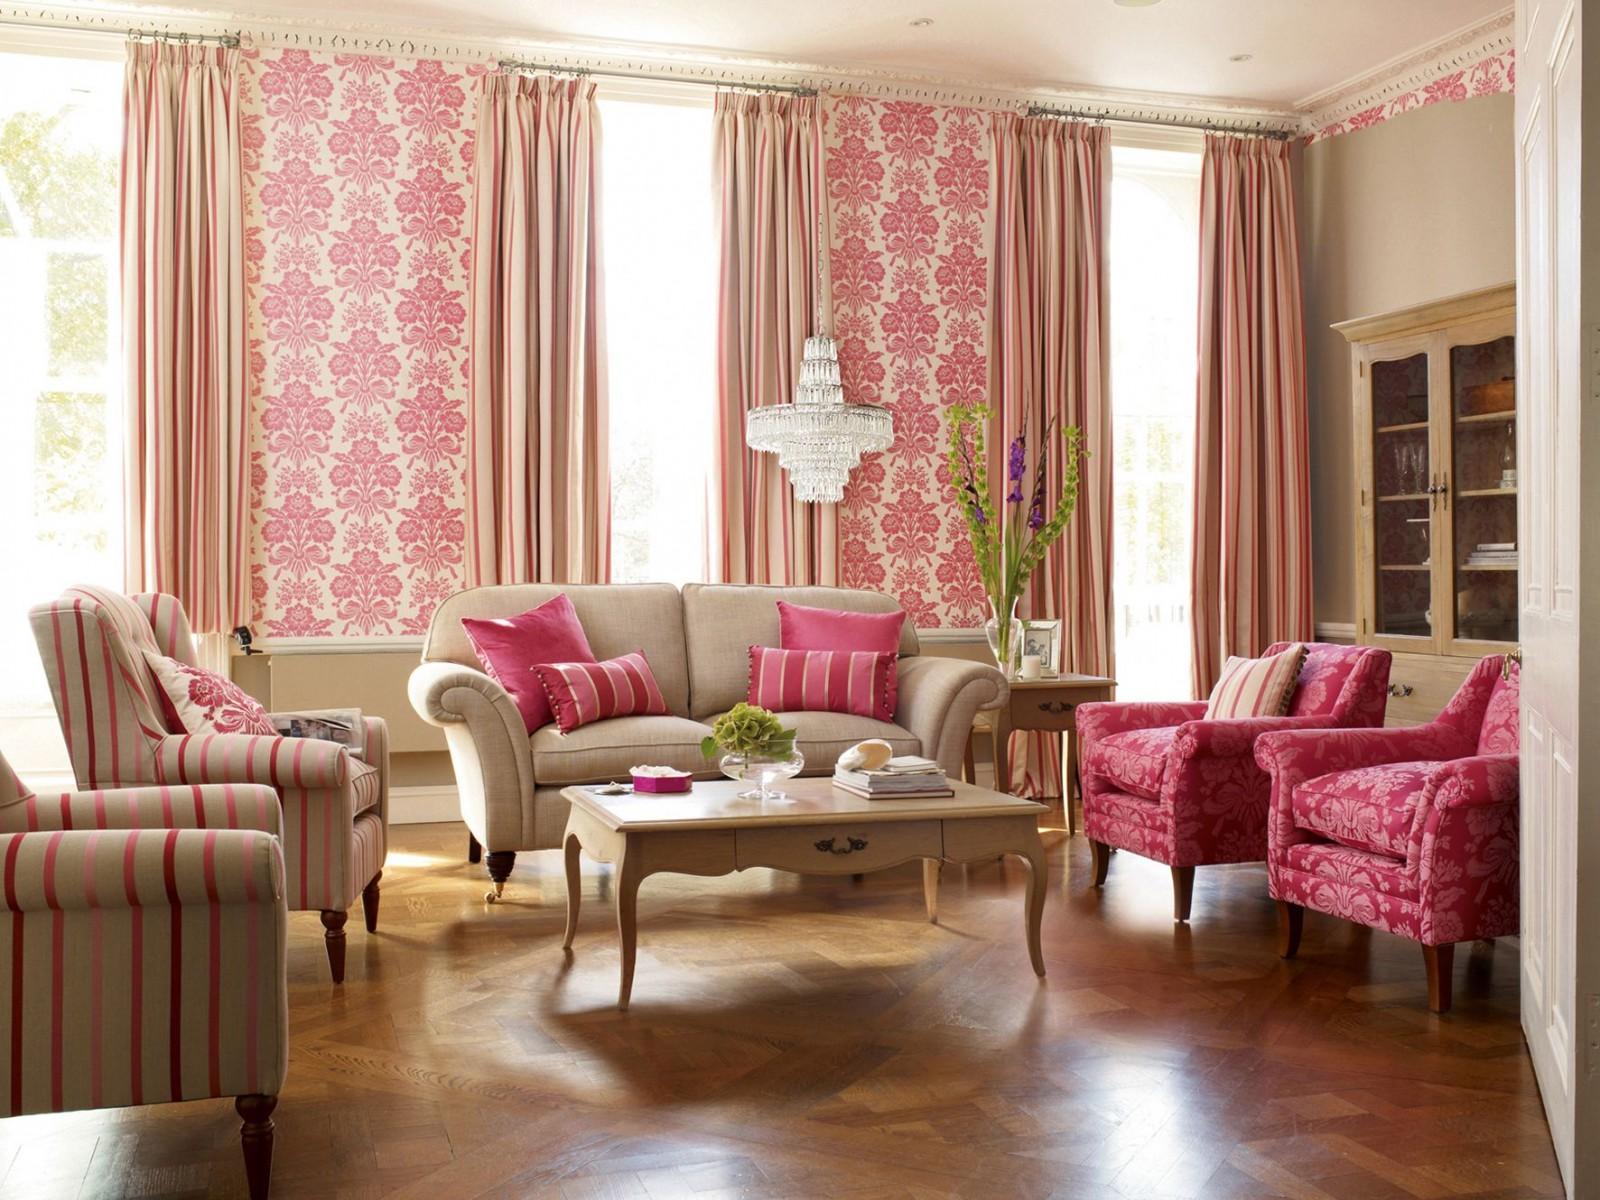 Phong cách Romanticism trong thiết kế nội thất